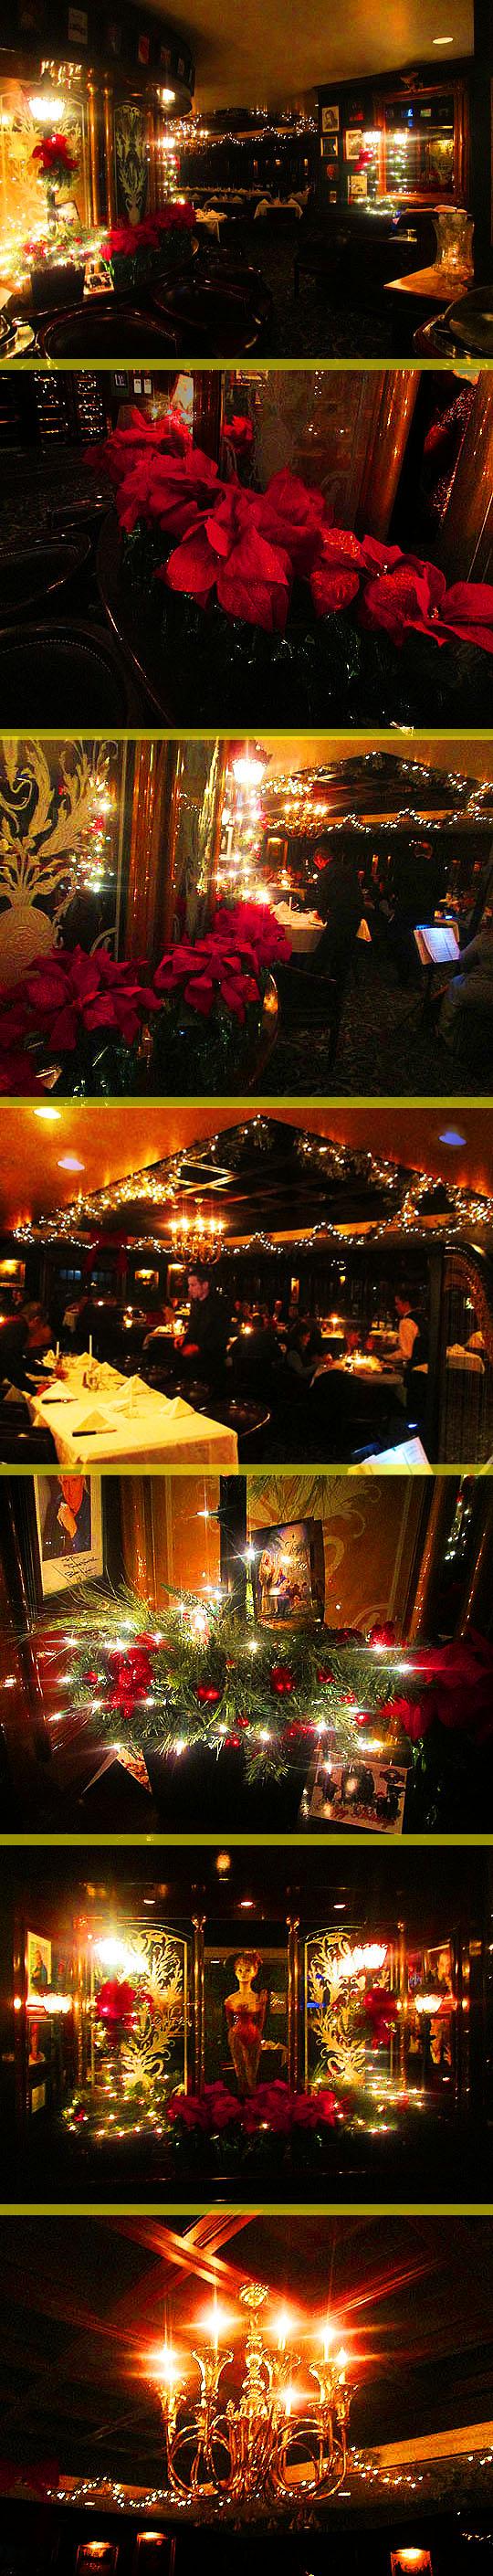 5. diningroom_dec24-18.jpg